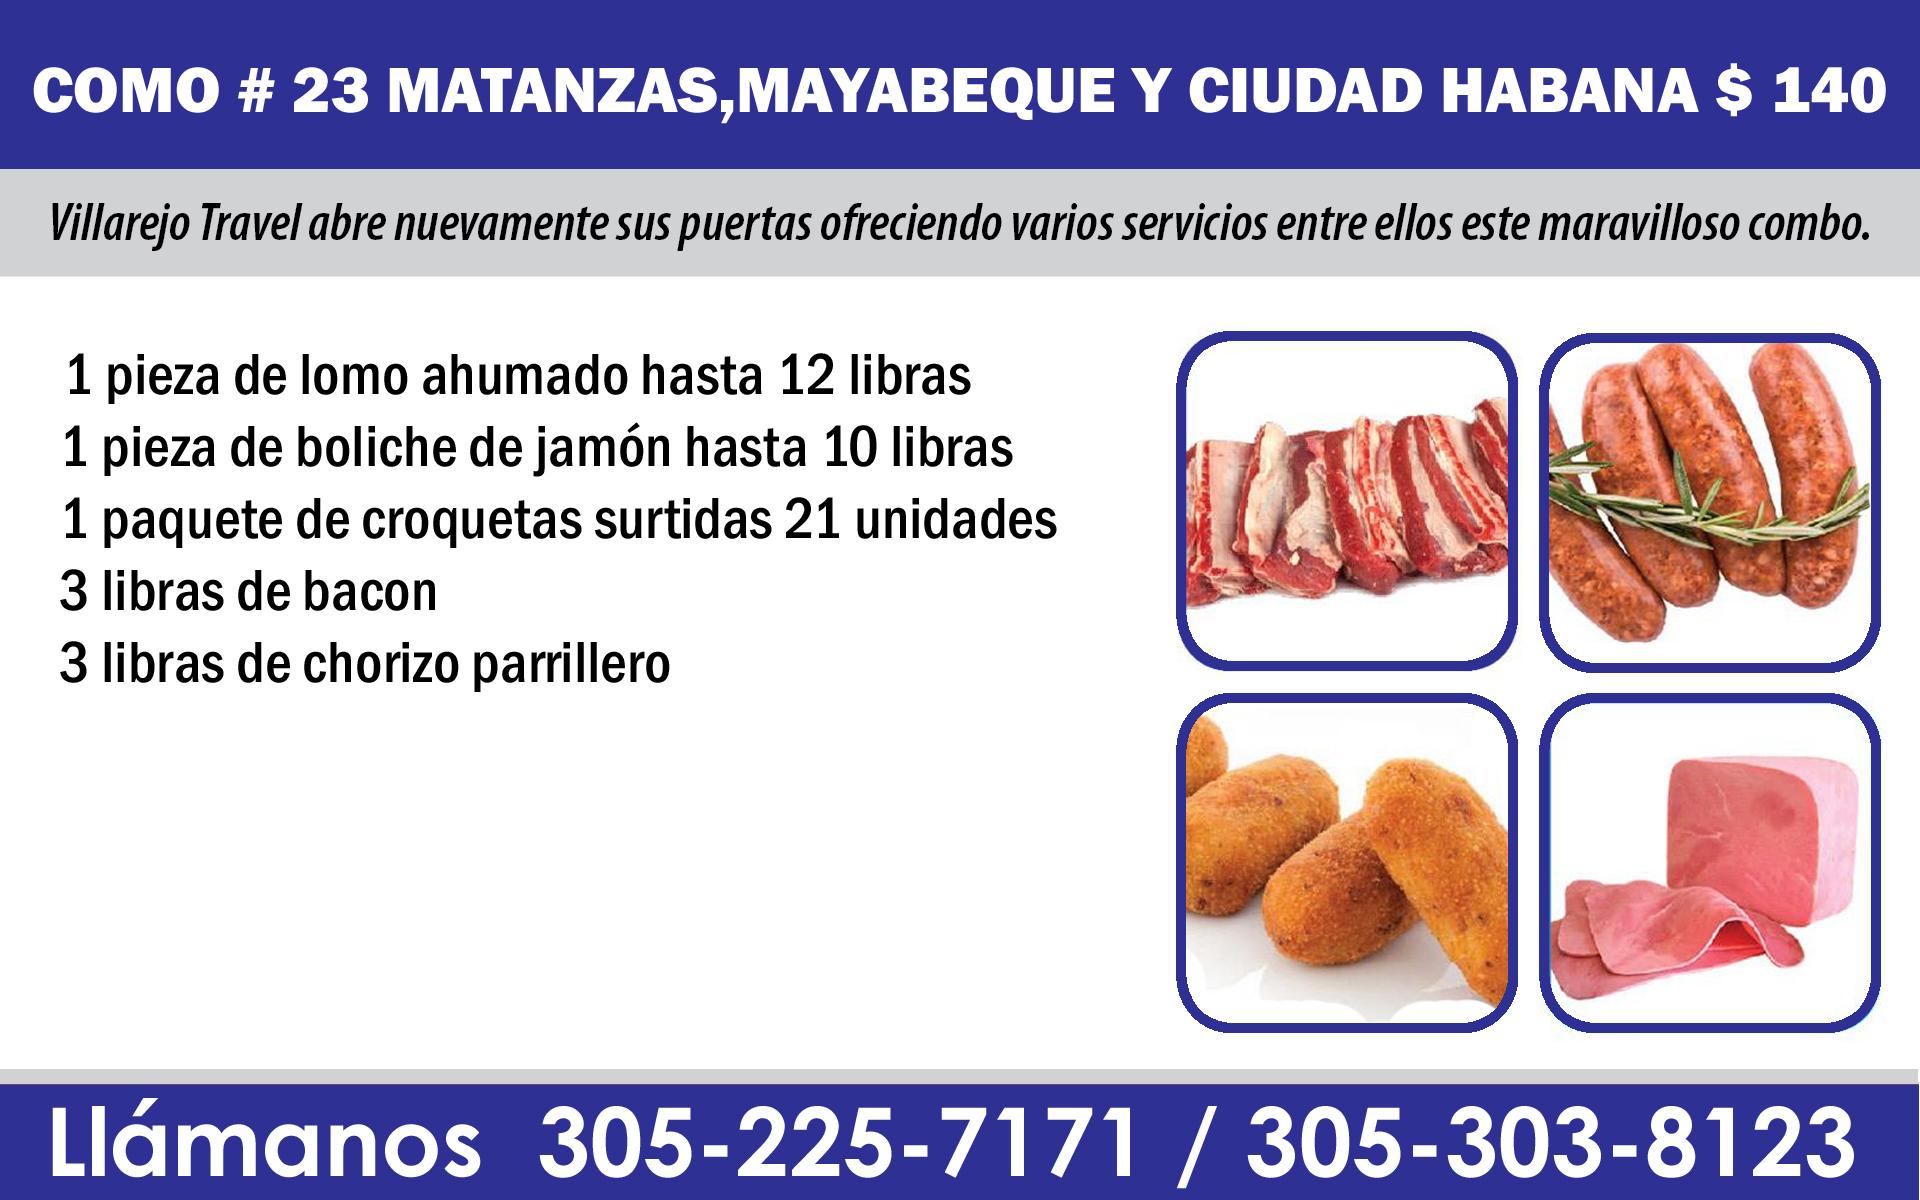 COMBO #23 PARA MAYABEQUE,CIUDAD HABANA Y MATANZAS  $ 140